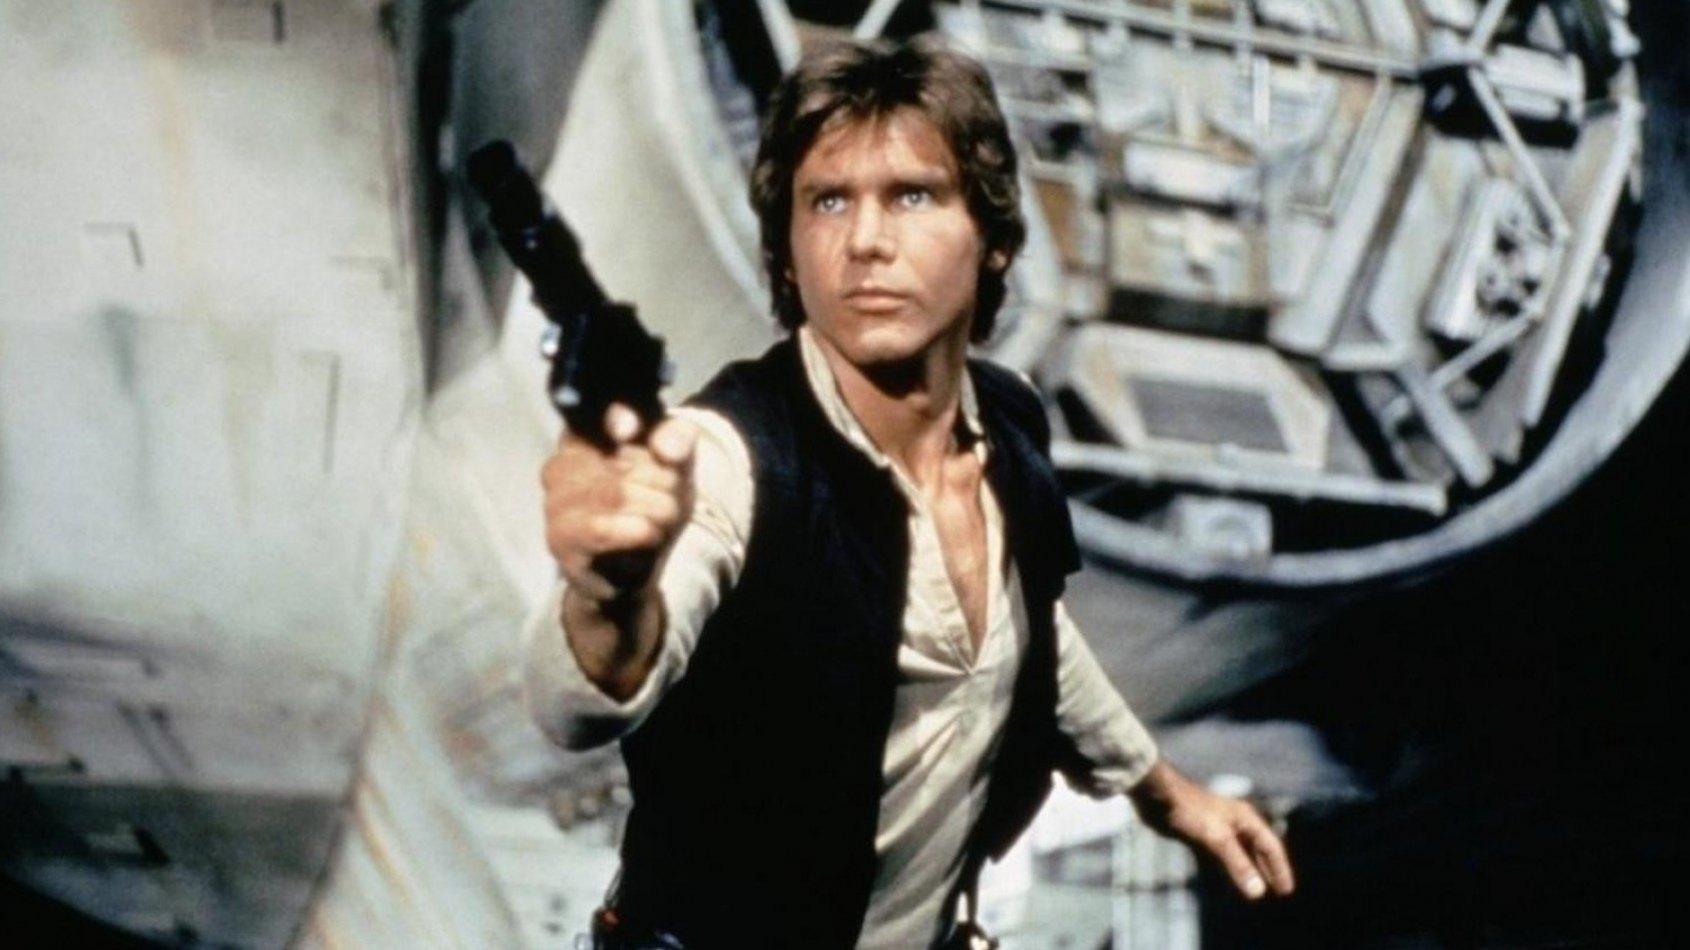 Le casting sur le spin-off de Han Solo se précise.